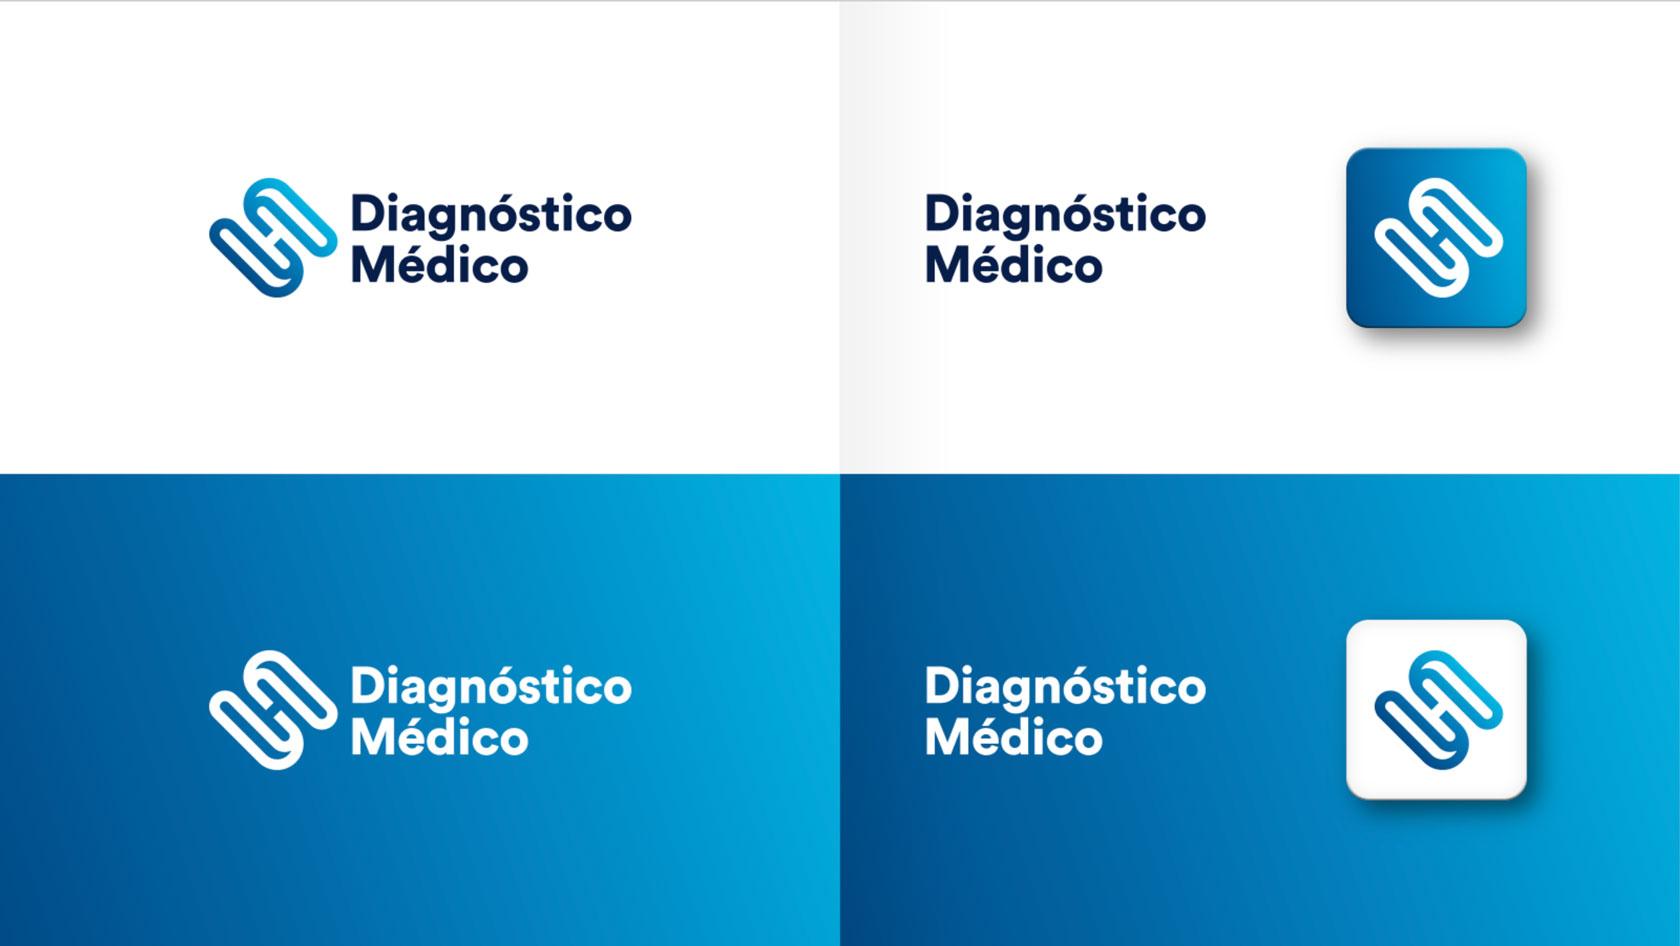 diagnostico-medico-id-006